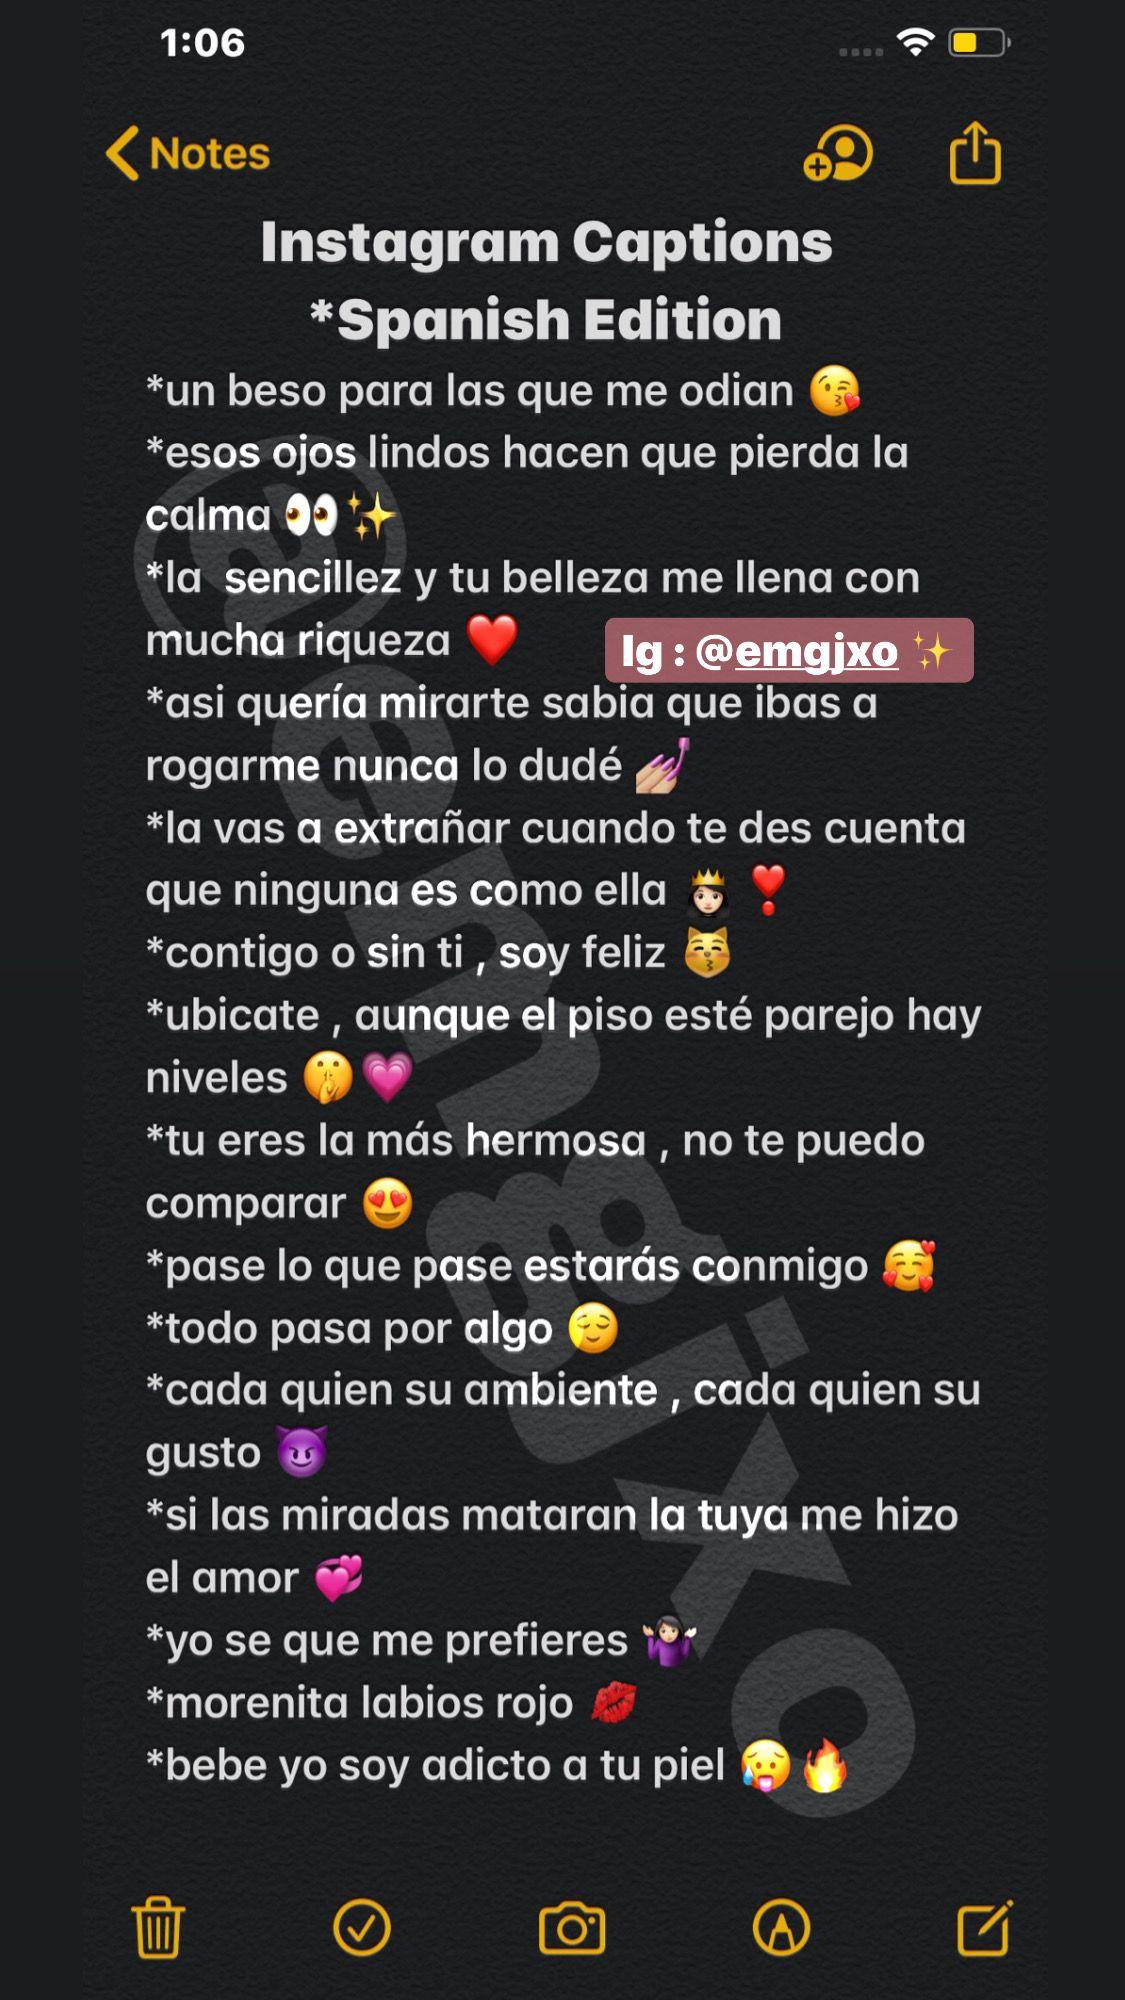 Instagram Captions In Spanish Instagram Captions For Friends Witty Instagram Captions Cute Instagram Captions